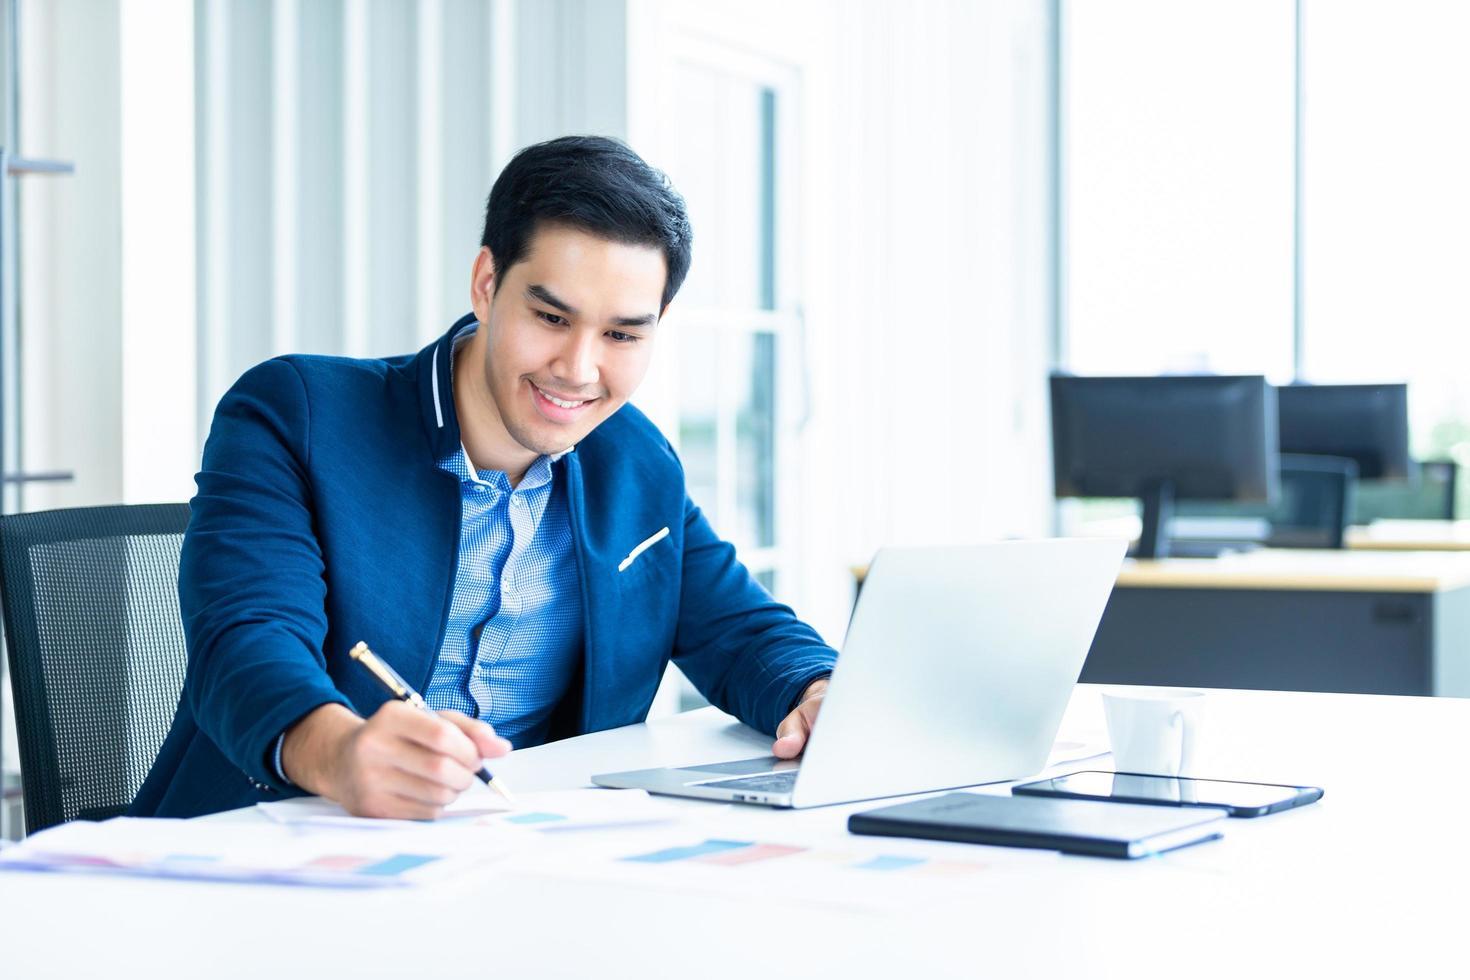 joven empresario asiático trabajando en su escritorio foto